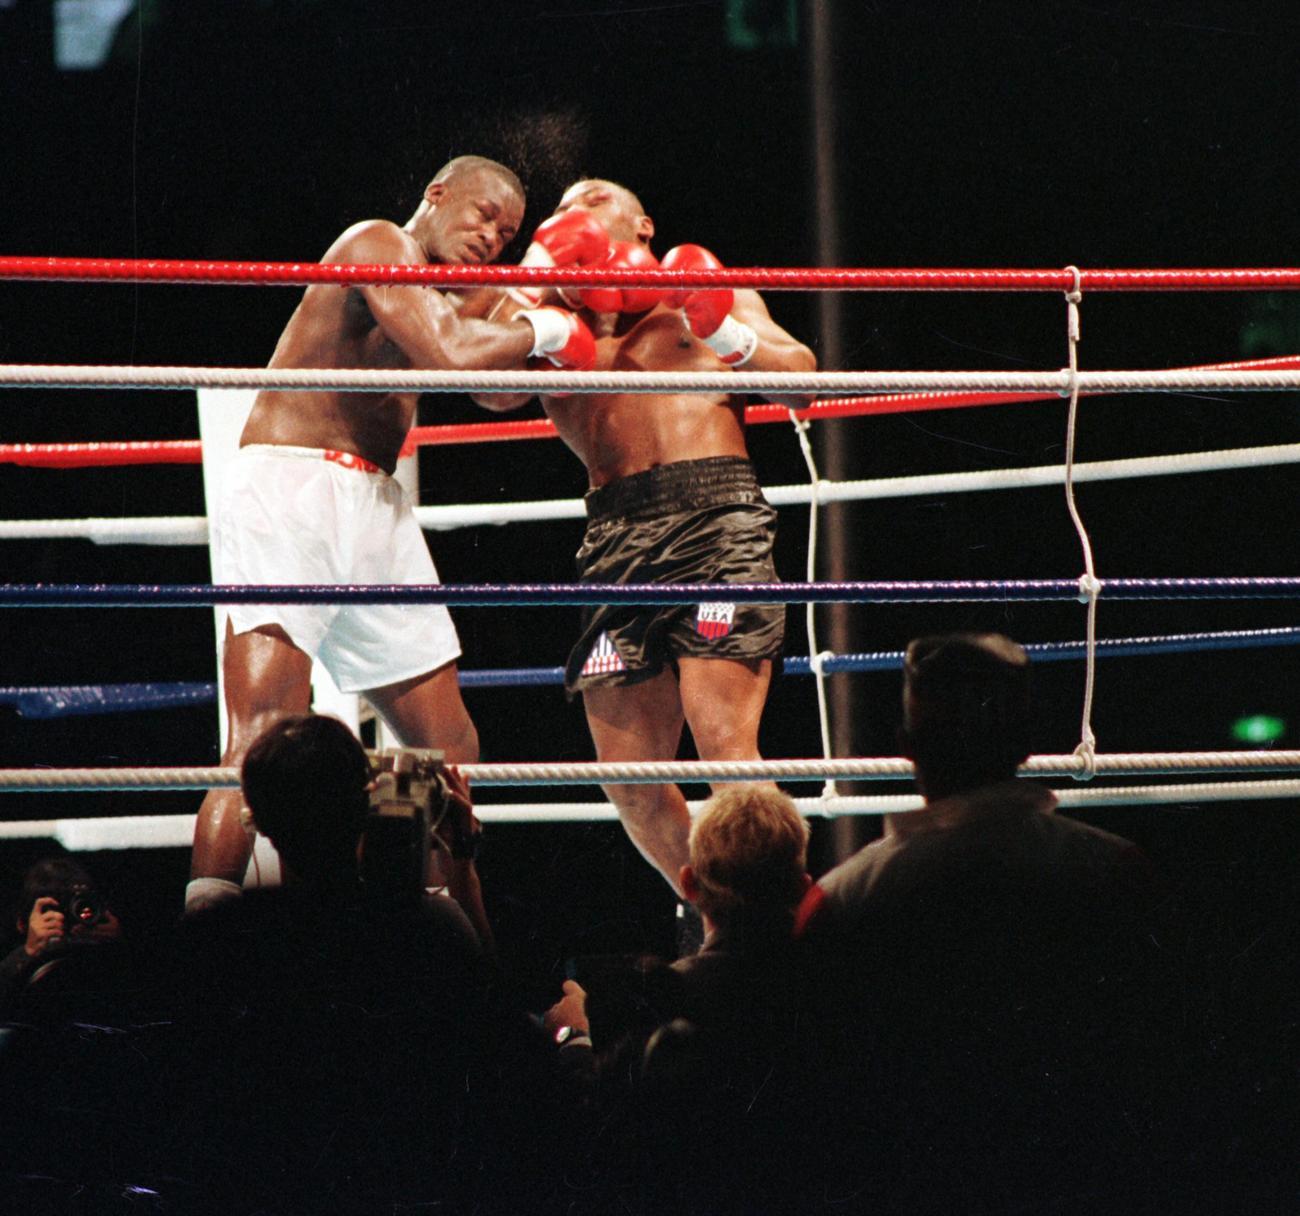 WBC・IBF・WBC世界ヘビー級タイトルマッチ 8回、ジェームス・ダグラス(左)に右アッパーを浴びせダウンを奪うマイク・タイソン(1990年02月11日)